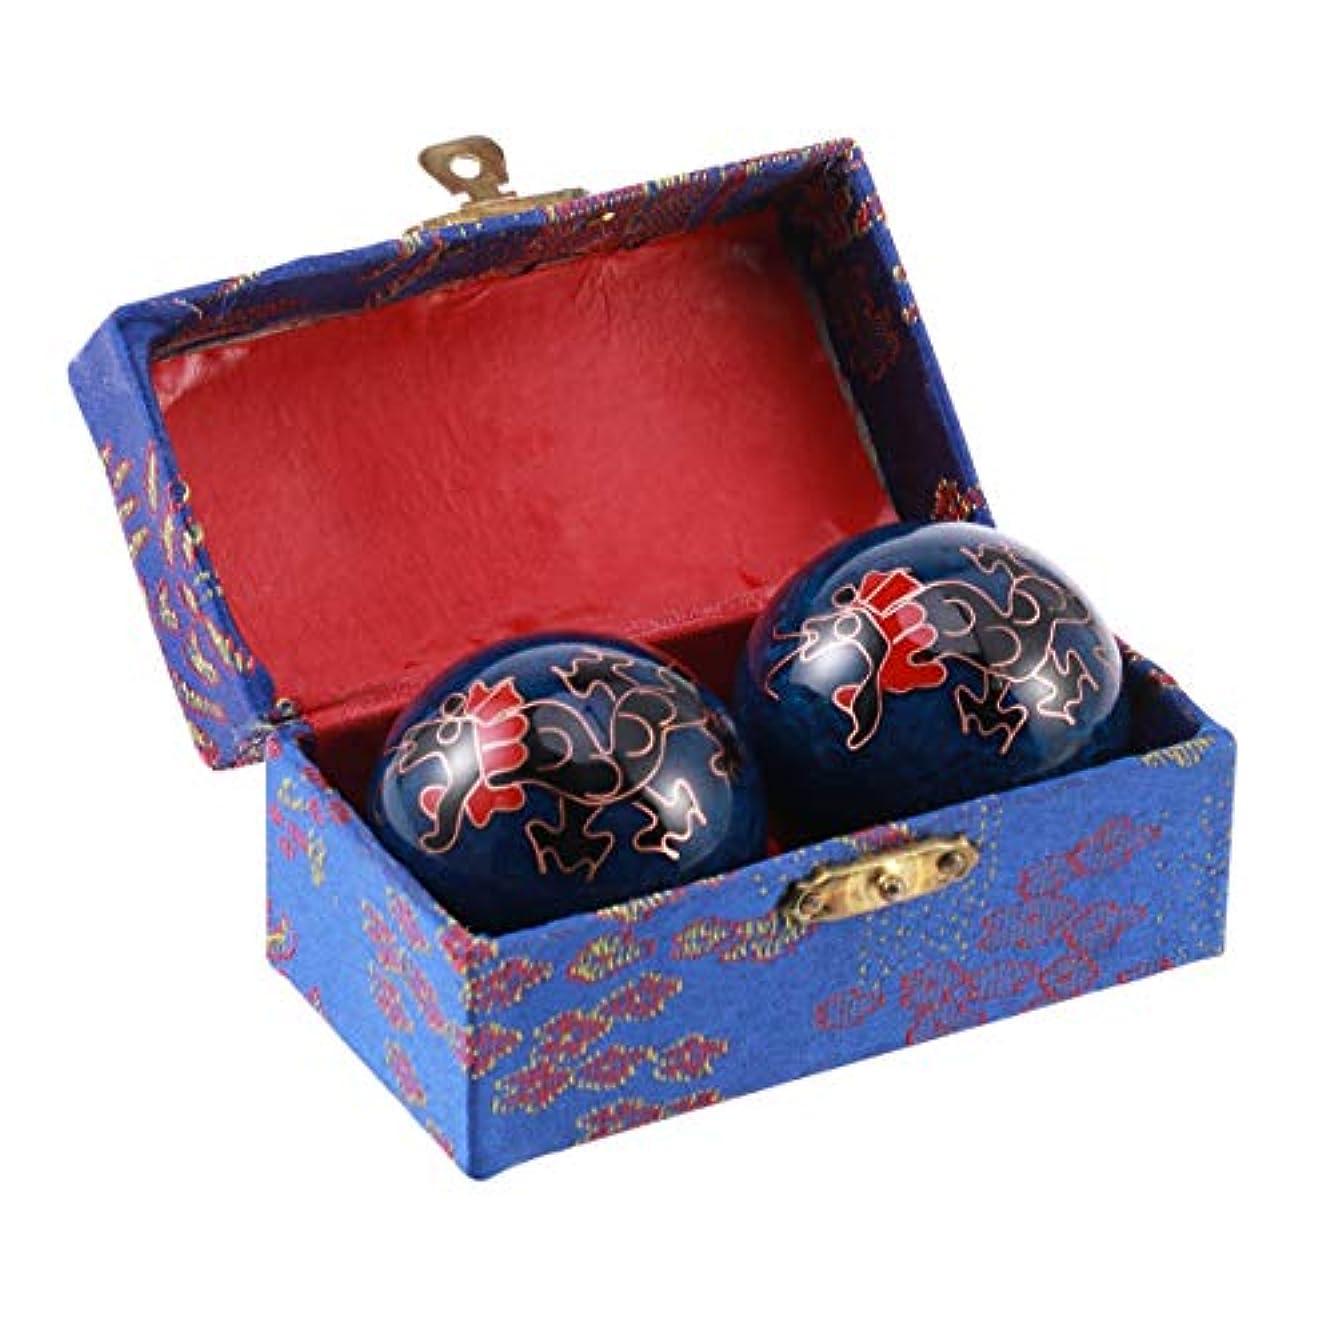 印象的な精神着飾るHealifty 2pcs中国の健康玉はボールを鍛える運動マッサージボールのストレスは、ハンドセラピーのストレスリリーフ(ブラックドラゴンズとフェニックス)のハンドエクササイズセラピーボールを解放します。